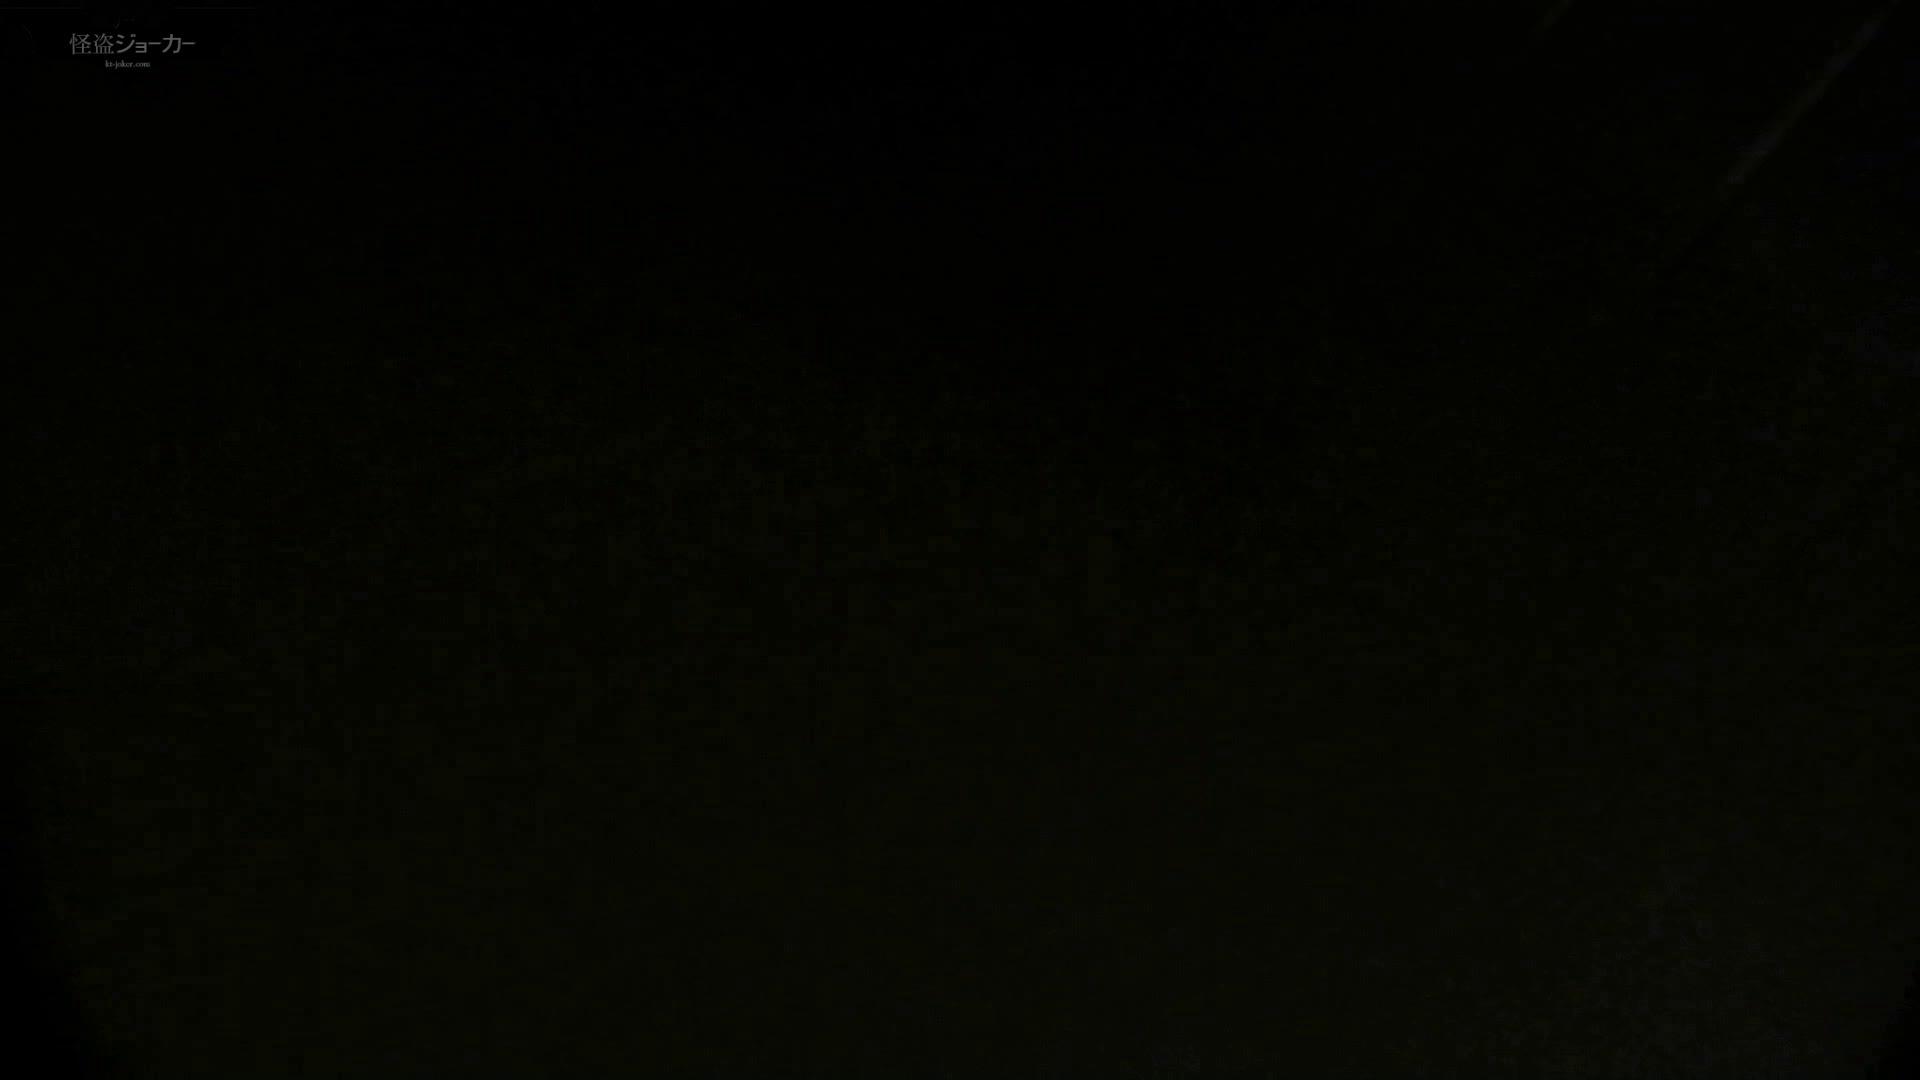 洗面所特攻隊 vol.56 白濁まみれのごっつい一本!!技あり 高画質 オメコ動画キャプチャ 110枚 19